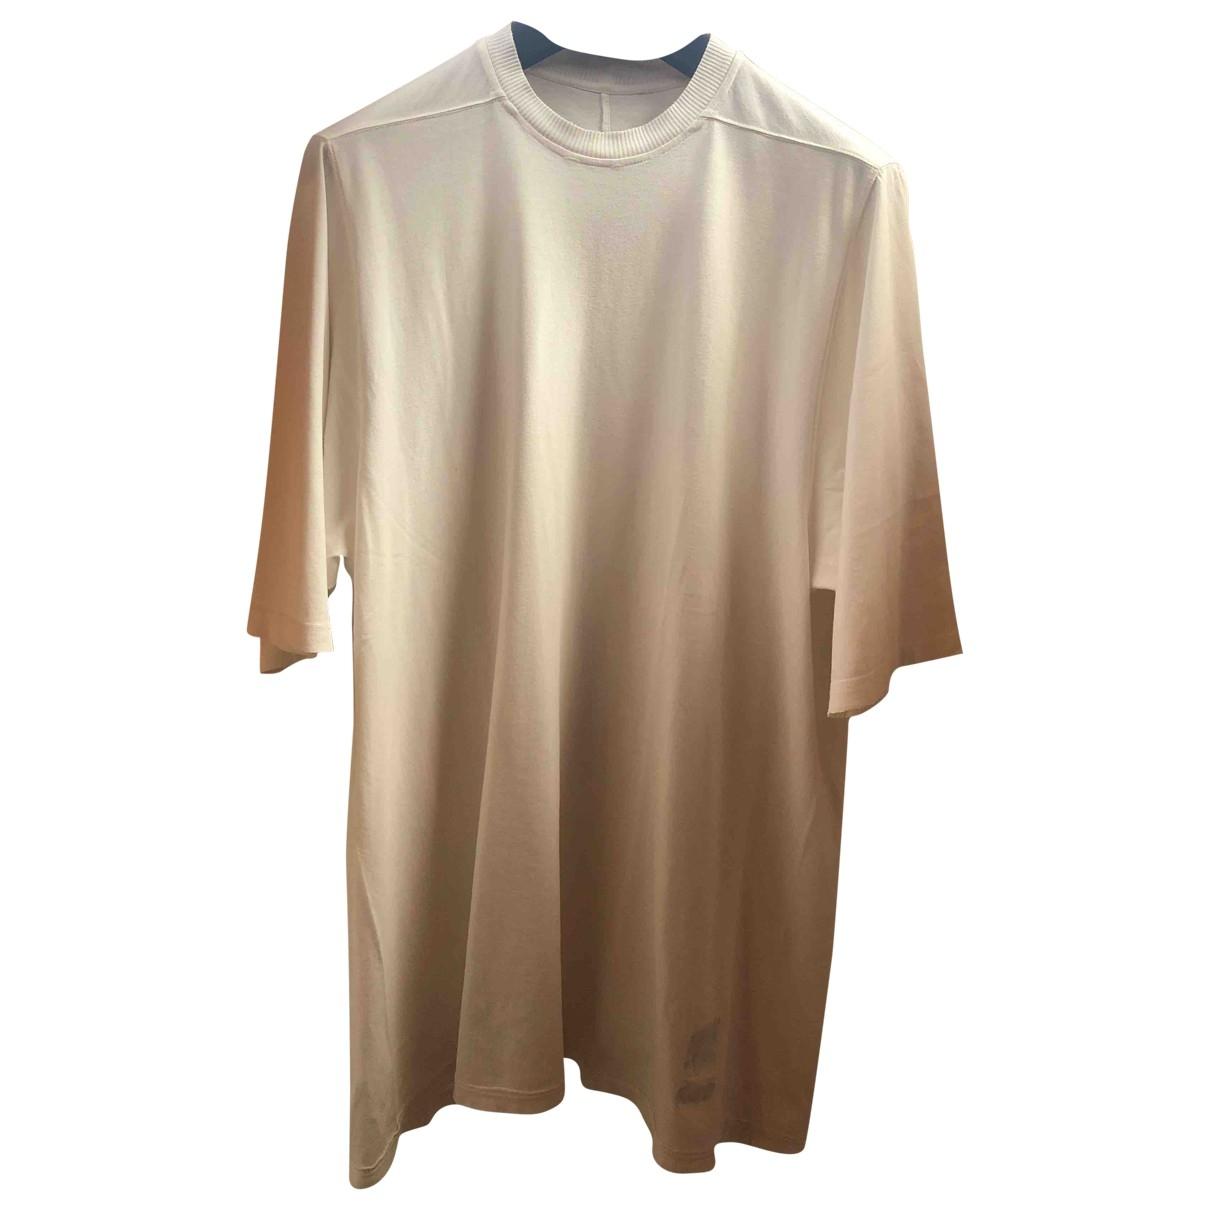 Rick Owens Drkshdw - Tee shirts   pour homme en coton - beige